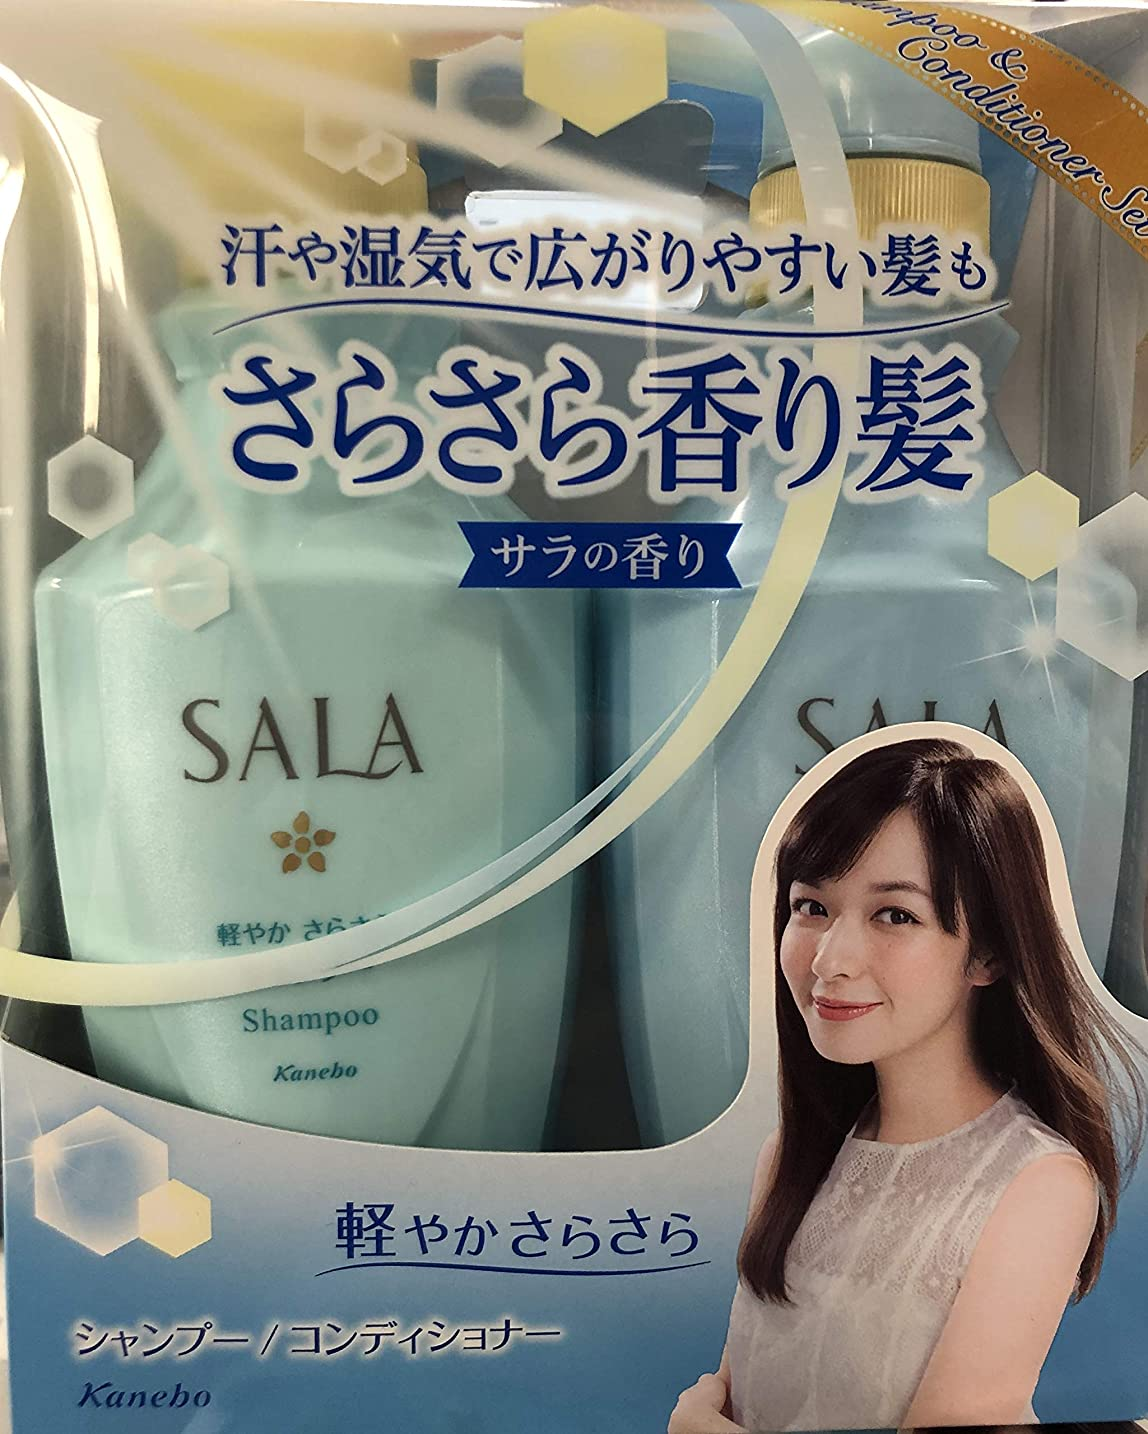 成功するラウズ放置SALA sara サラ シャンプー400ml & コンディショナー400ml サラの香り